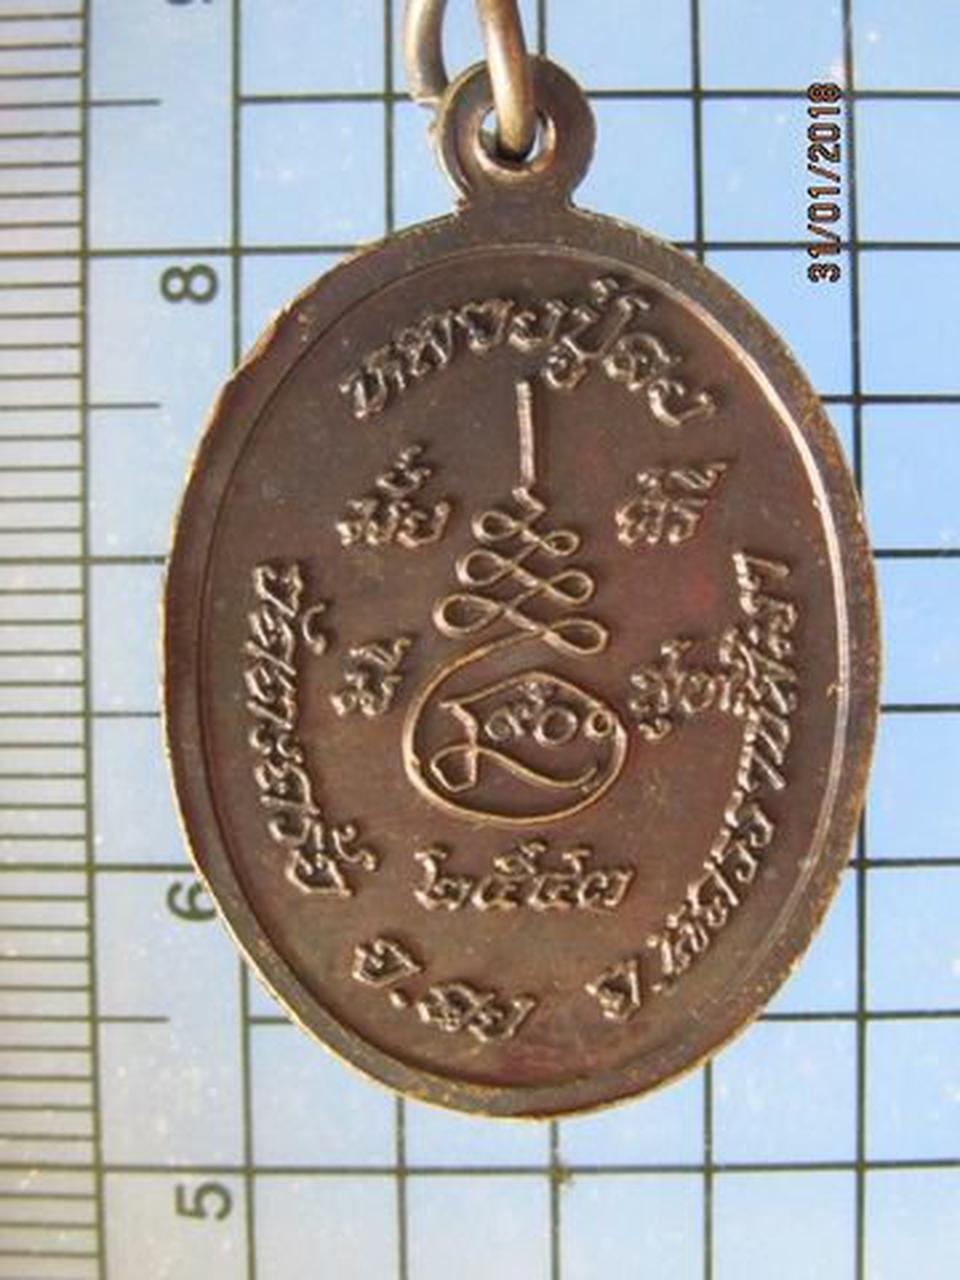 5053 เหรียญหลวงพ่อคง วัดตะคร้อ ปี2543 รุ่น มั่งมี ศรีสุข จ.น รูปที่ 1